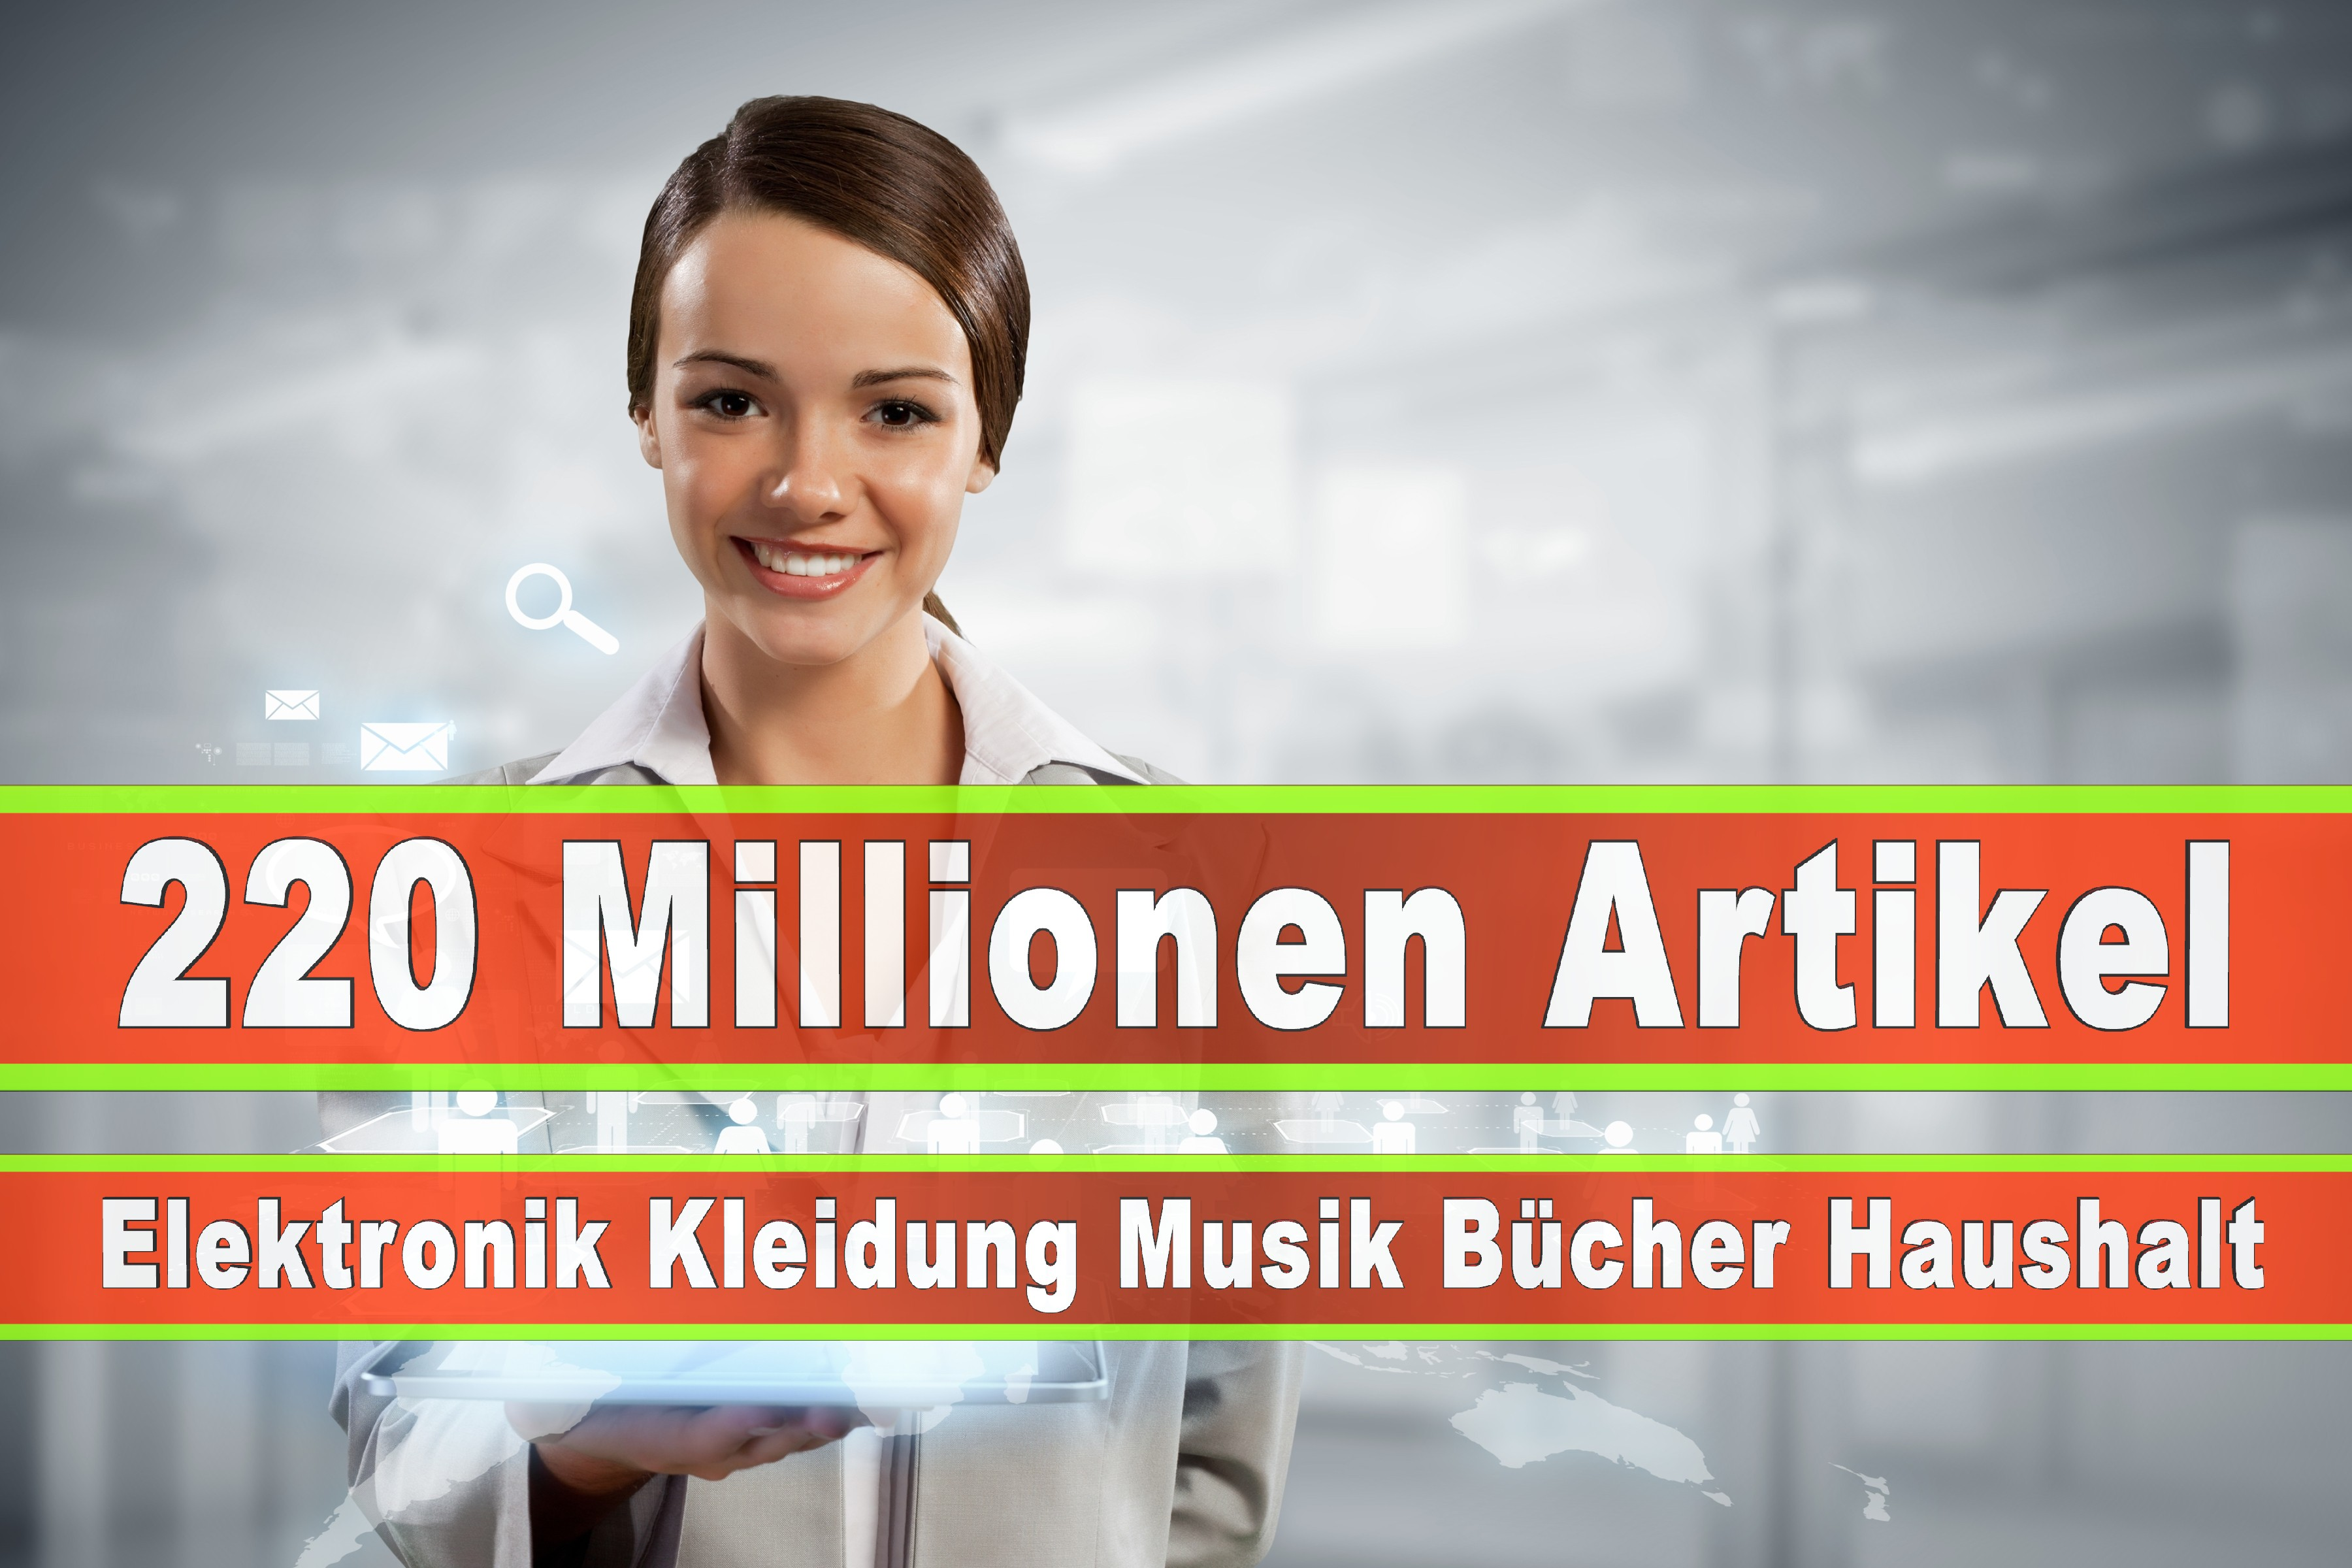 Amazon Elektronik Musik Haushalt Bücher CD DVD Handys Smartphones TV Television Fernseher Kleidung Mode Ebay Versandhaus (41)